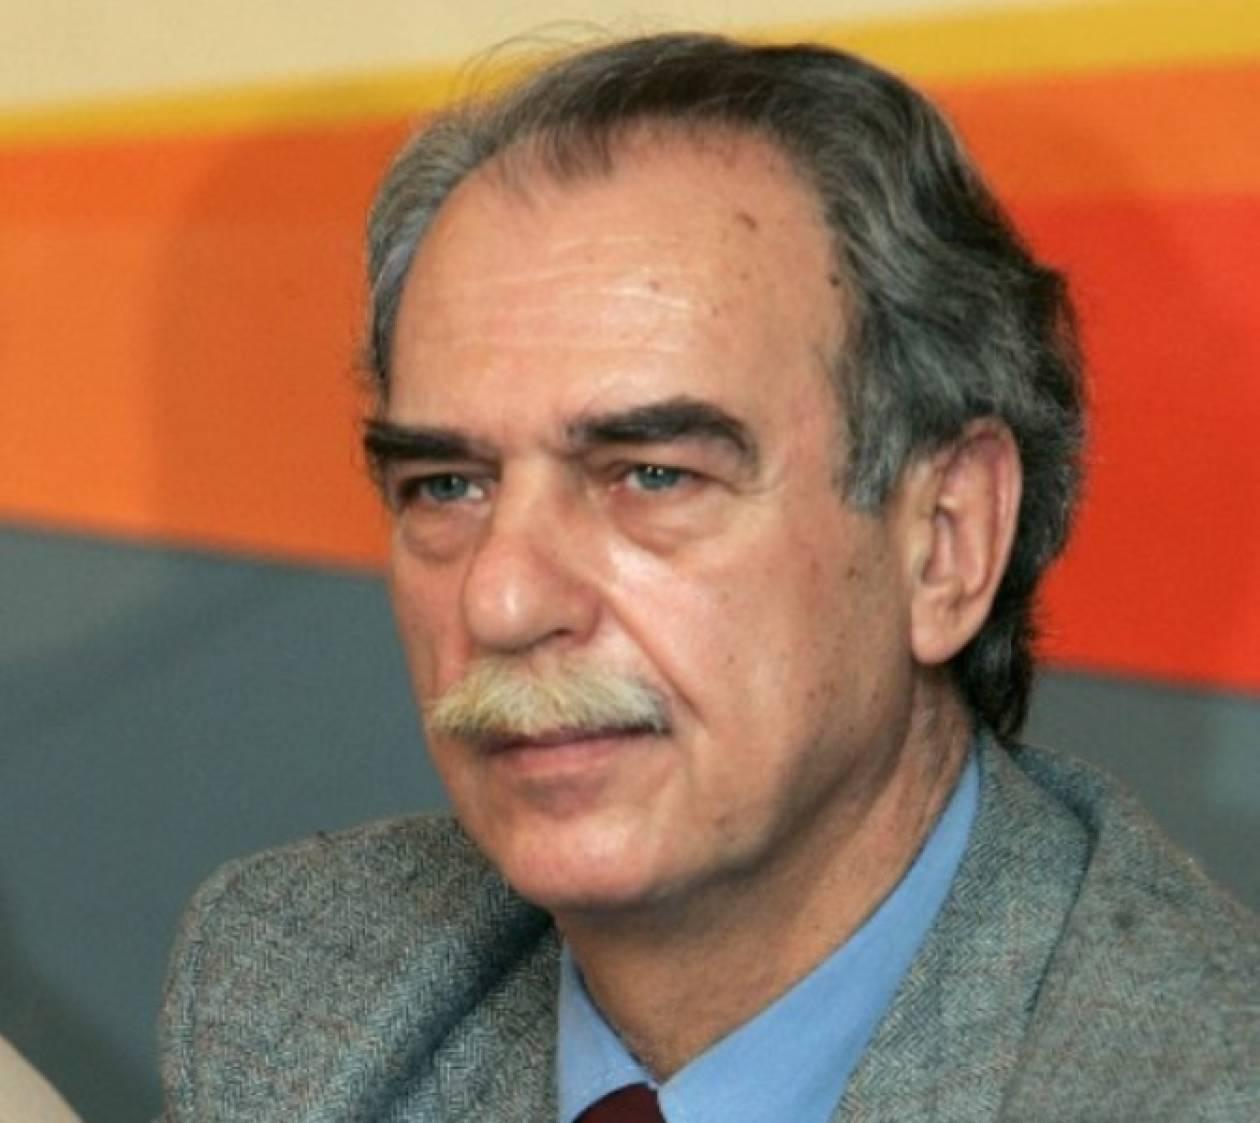 Επίθεση δικαστών στο Σπ. Χαλβατζή